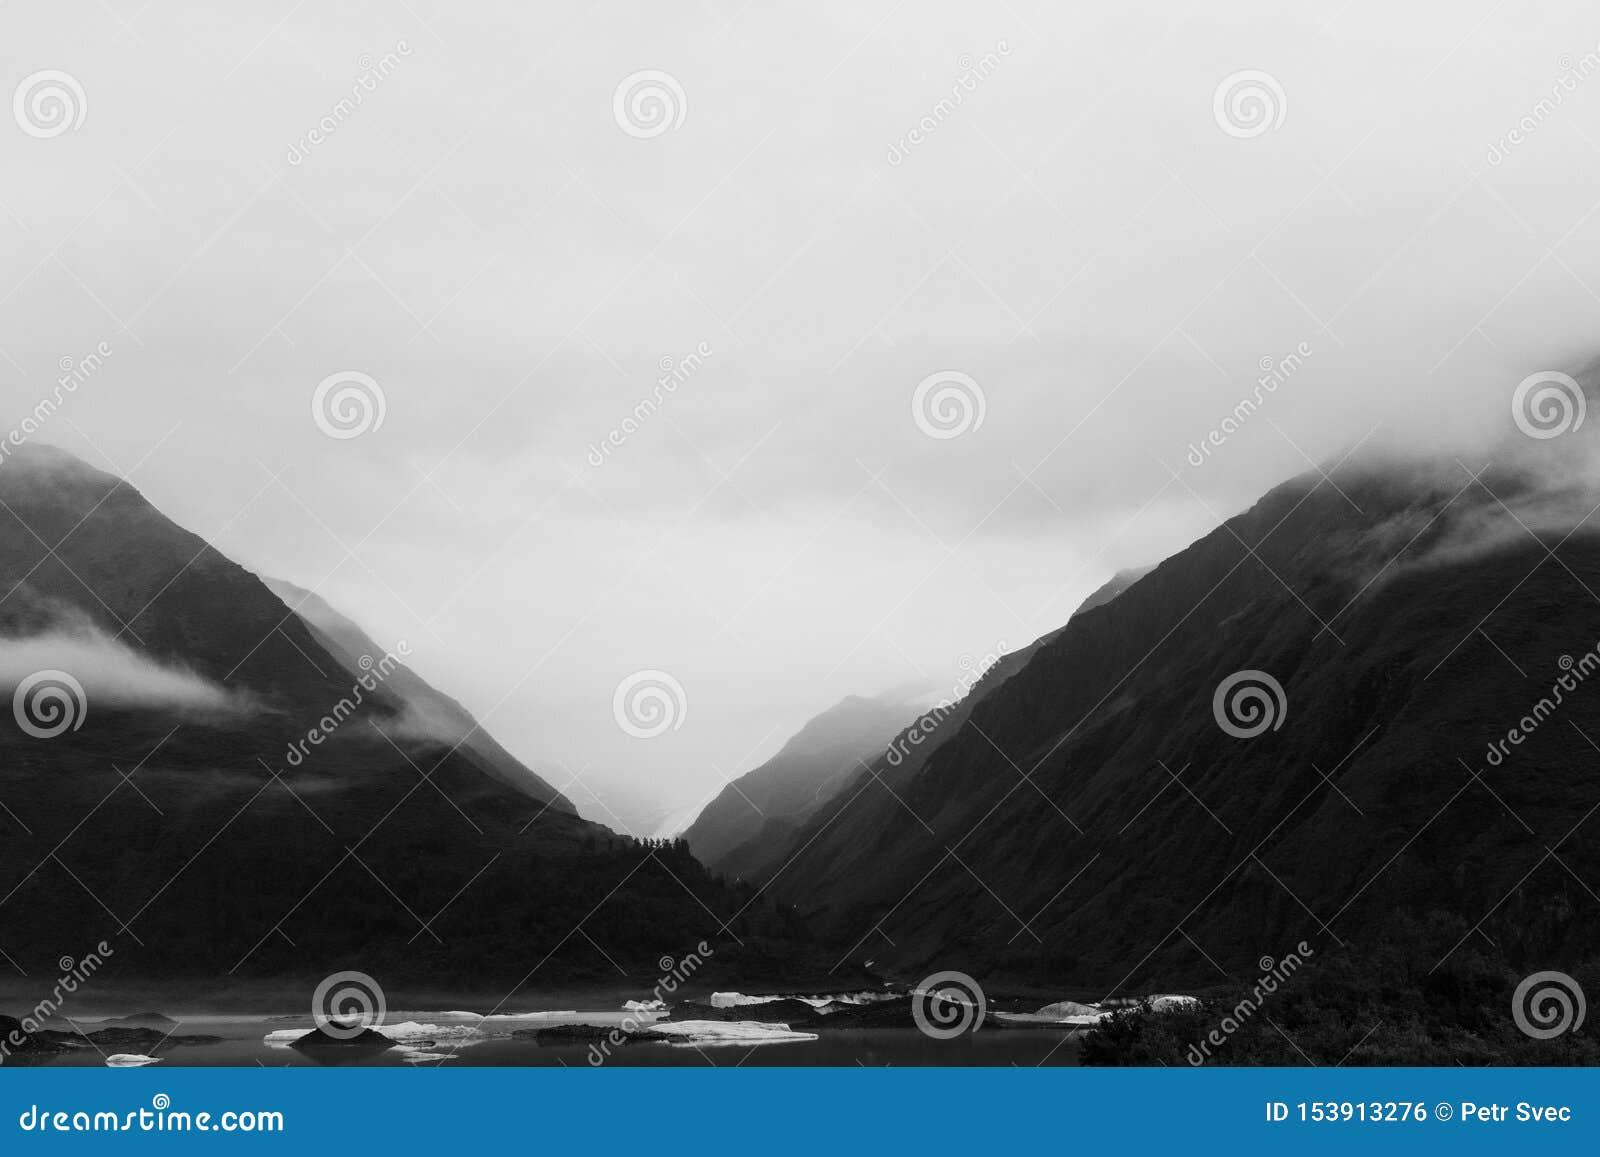 Valdez Glacier Lake and valley in Alaska